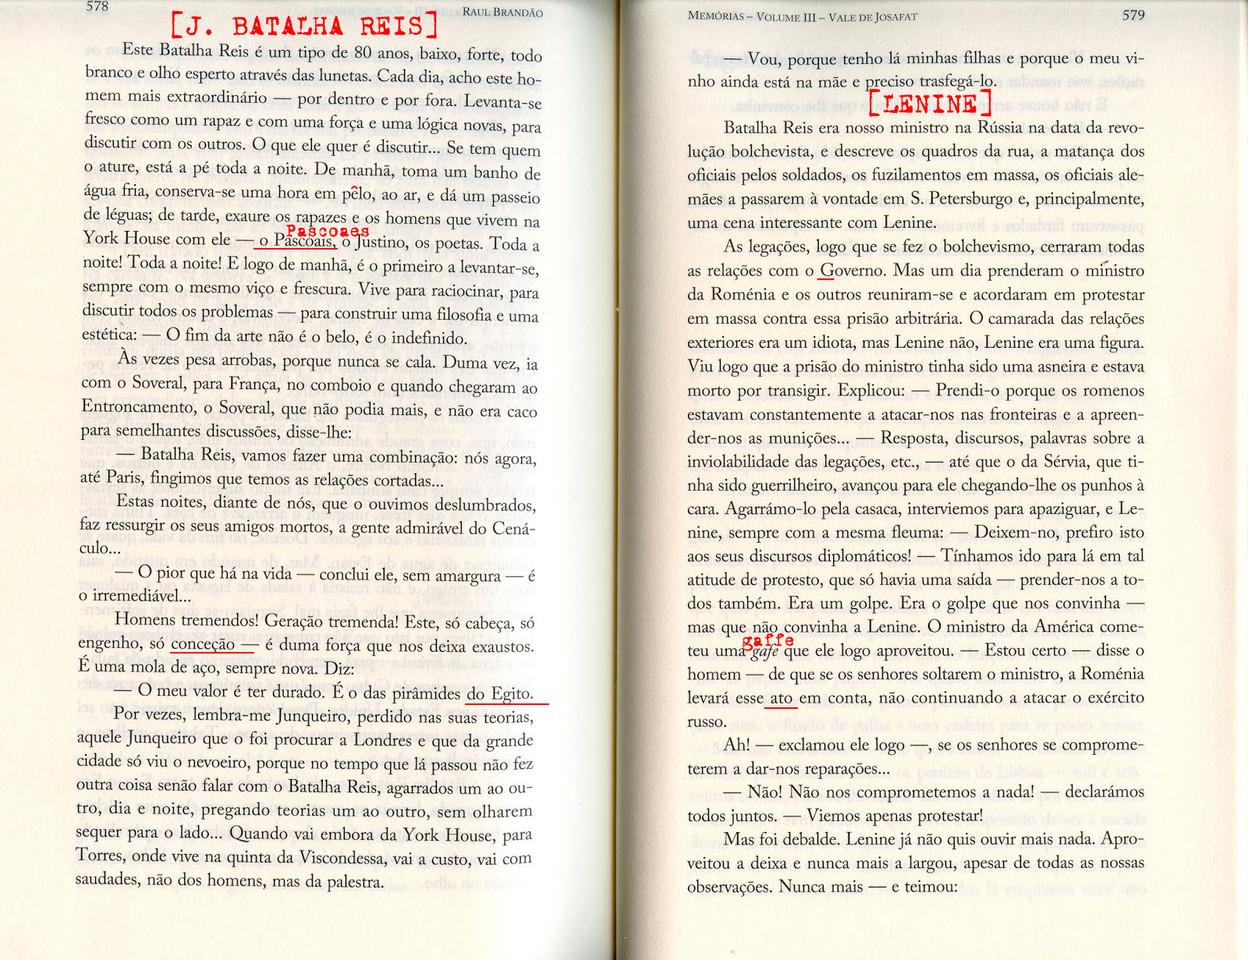 Raul Brandão, «Memórias», Quetzal, 2017, pp. 578-579.